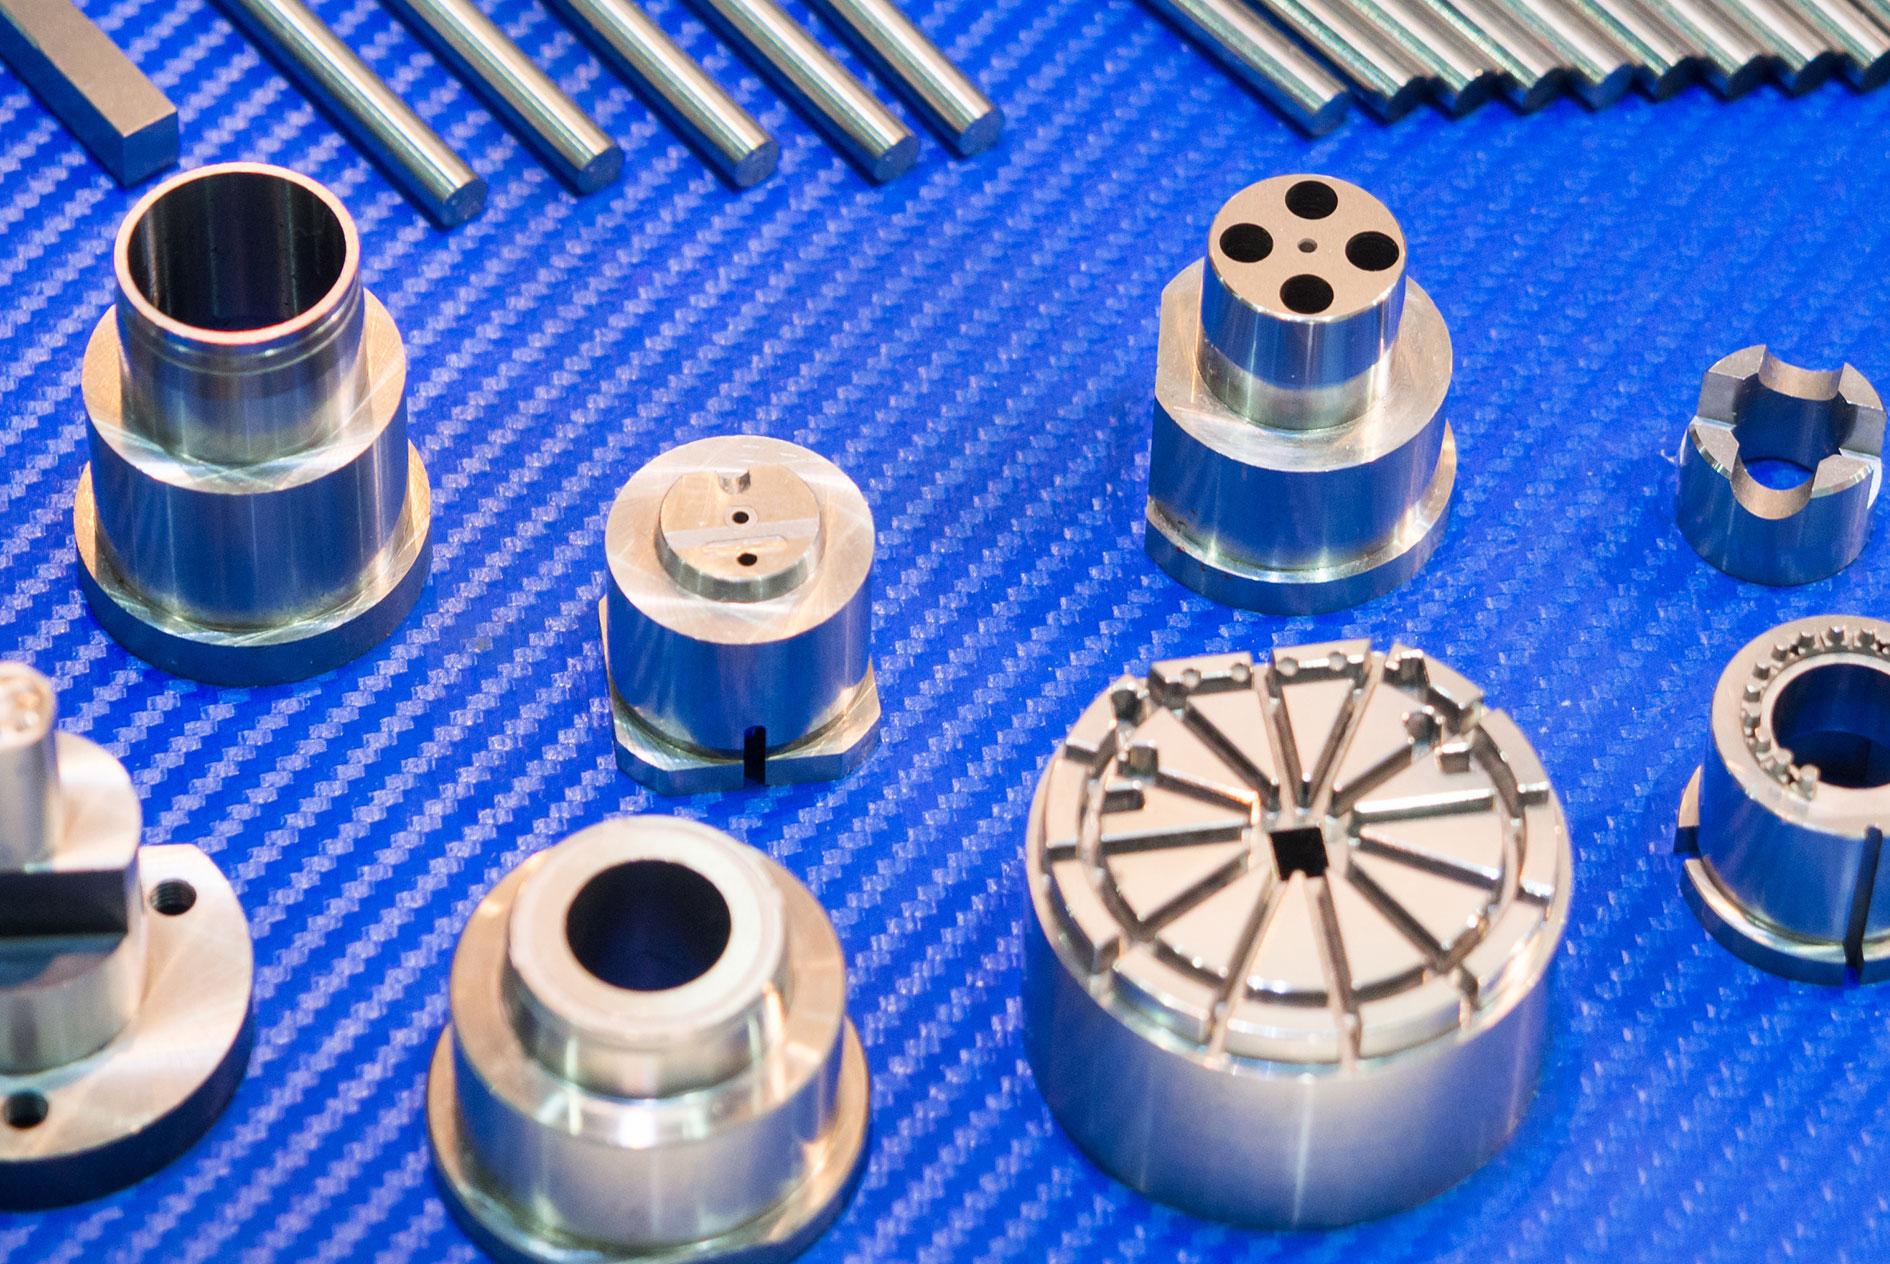 kkkoy-konetehdas-varaosapalvelu-alihankinta-metalliteollisuus_5